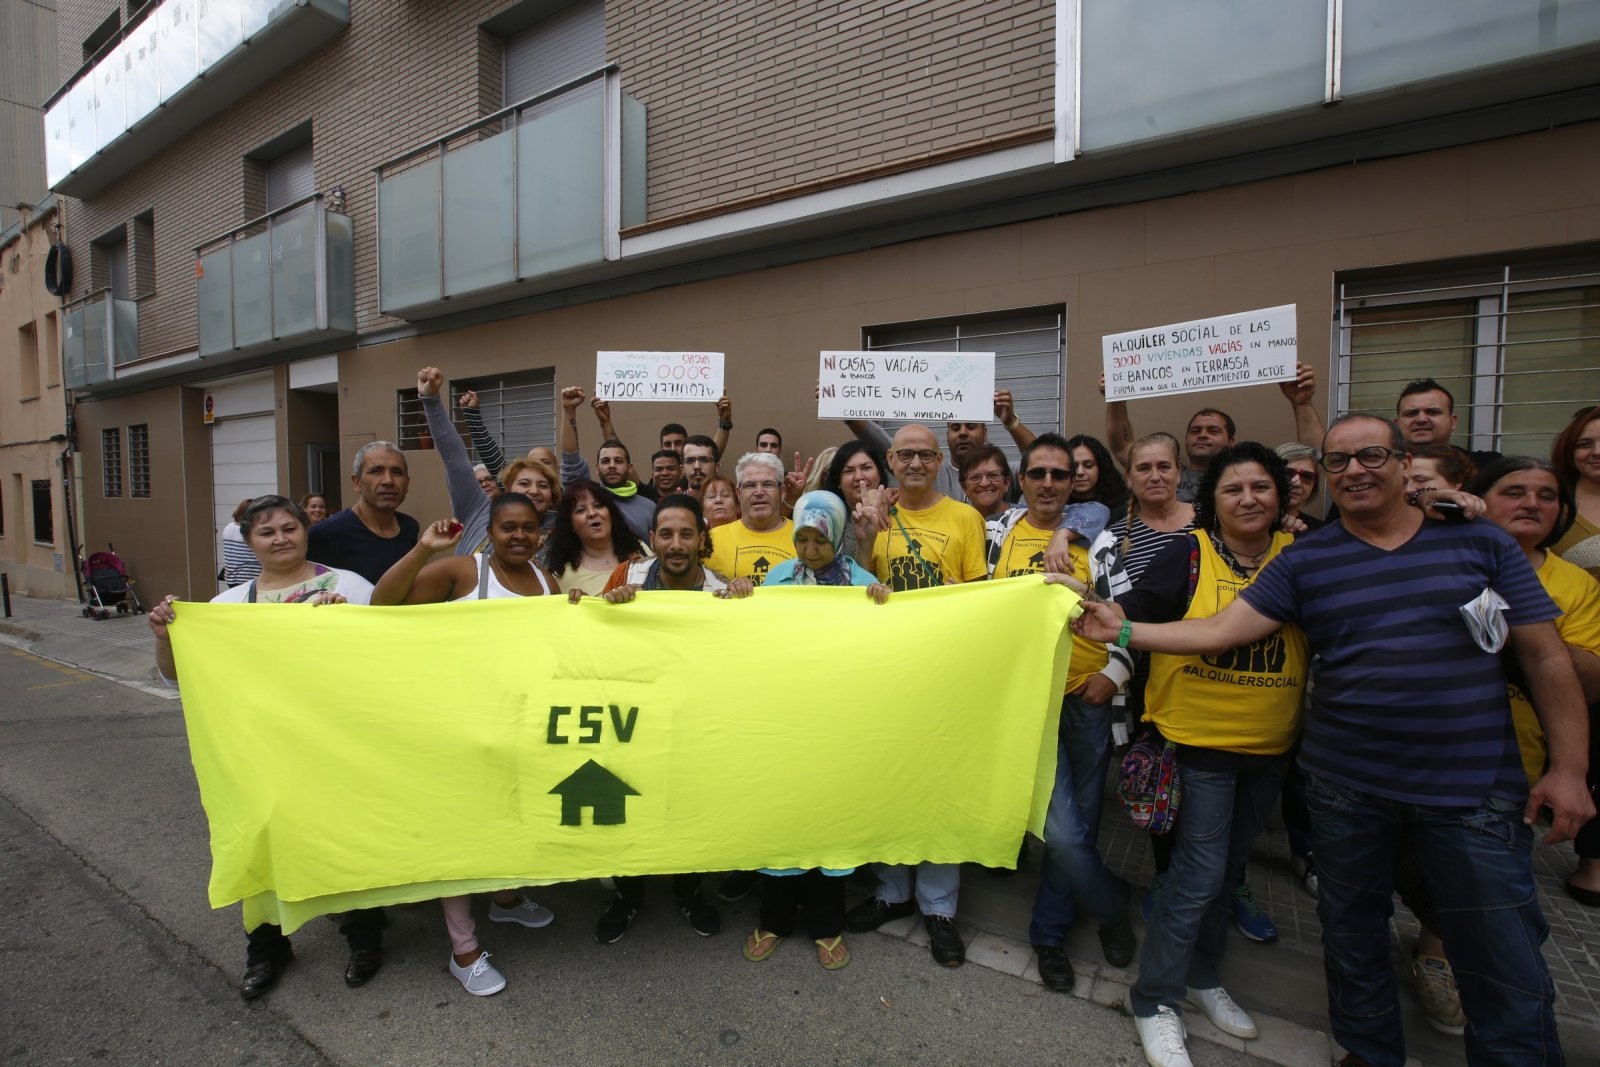 Celebració del Colectivo Sin Vivienda de l'aturada del desnonament